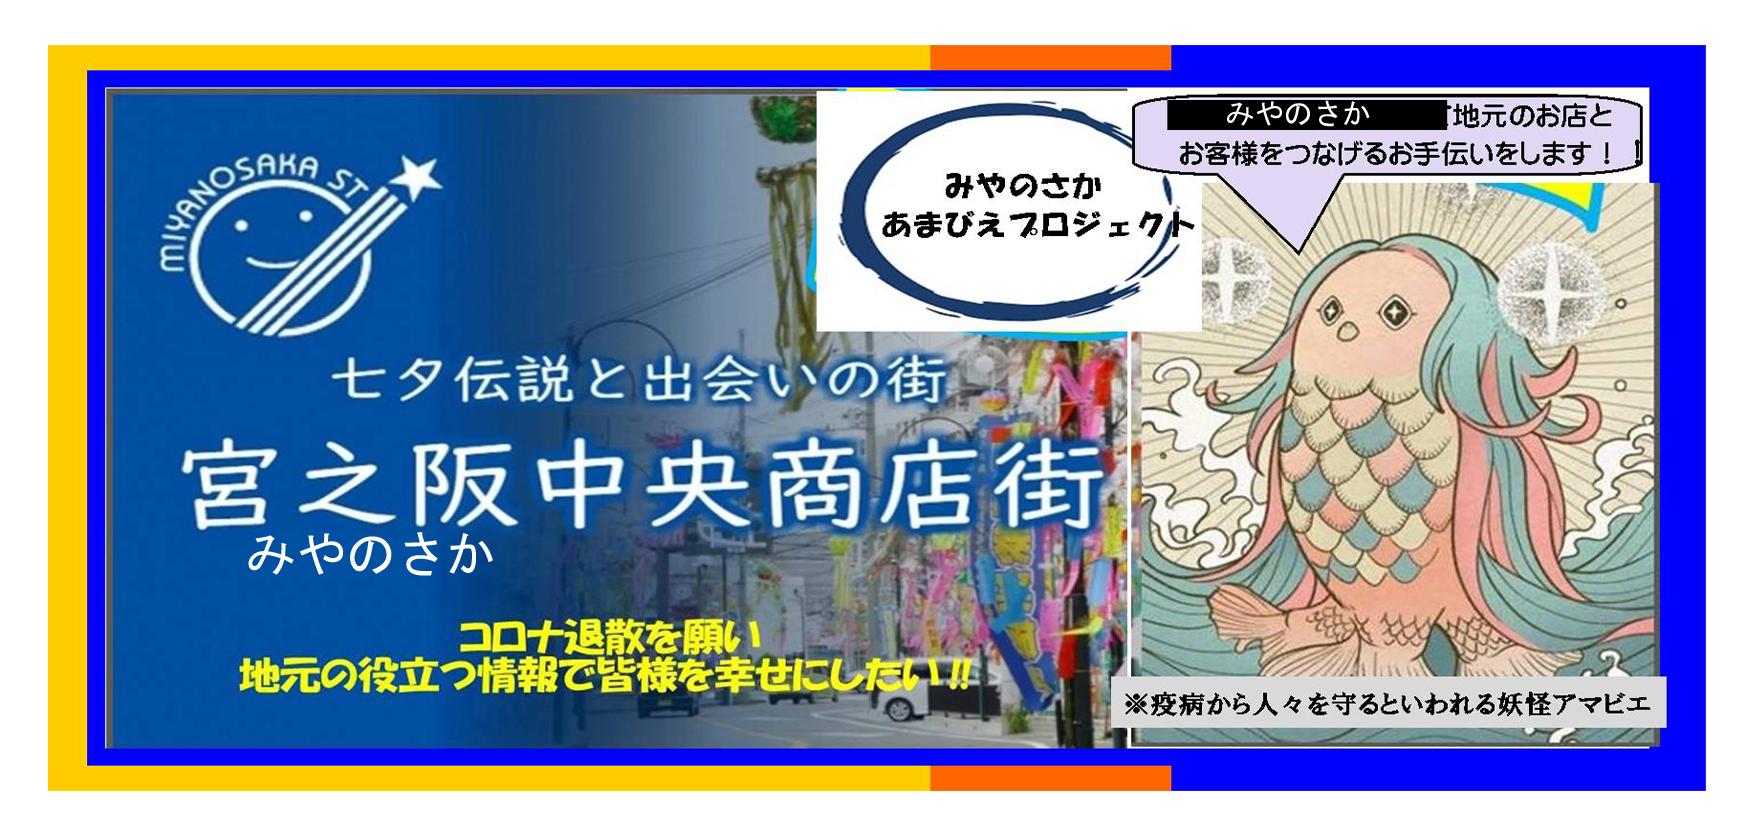 宮之阪・あまびえ・プロジェクトのイメージ